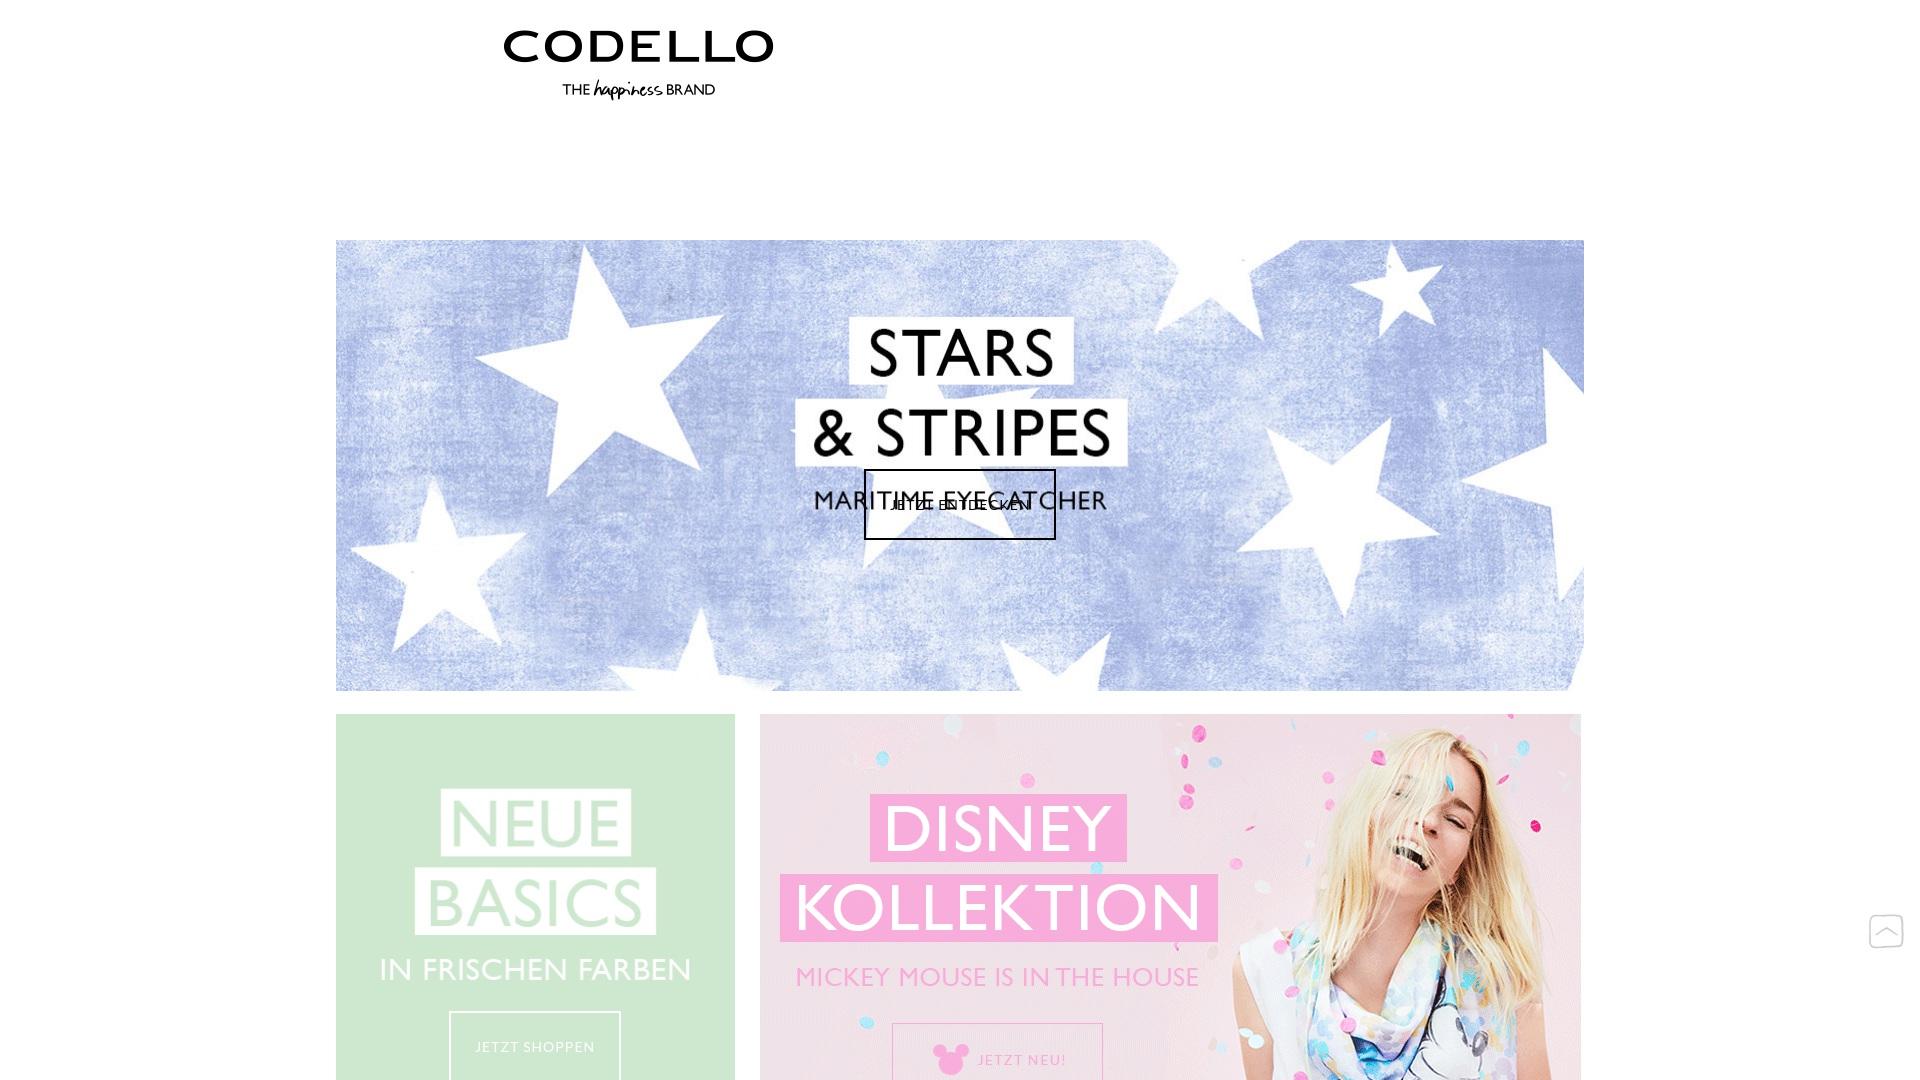 Gutschein für Codello: Rabatte für  Codello sichern